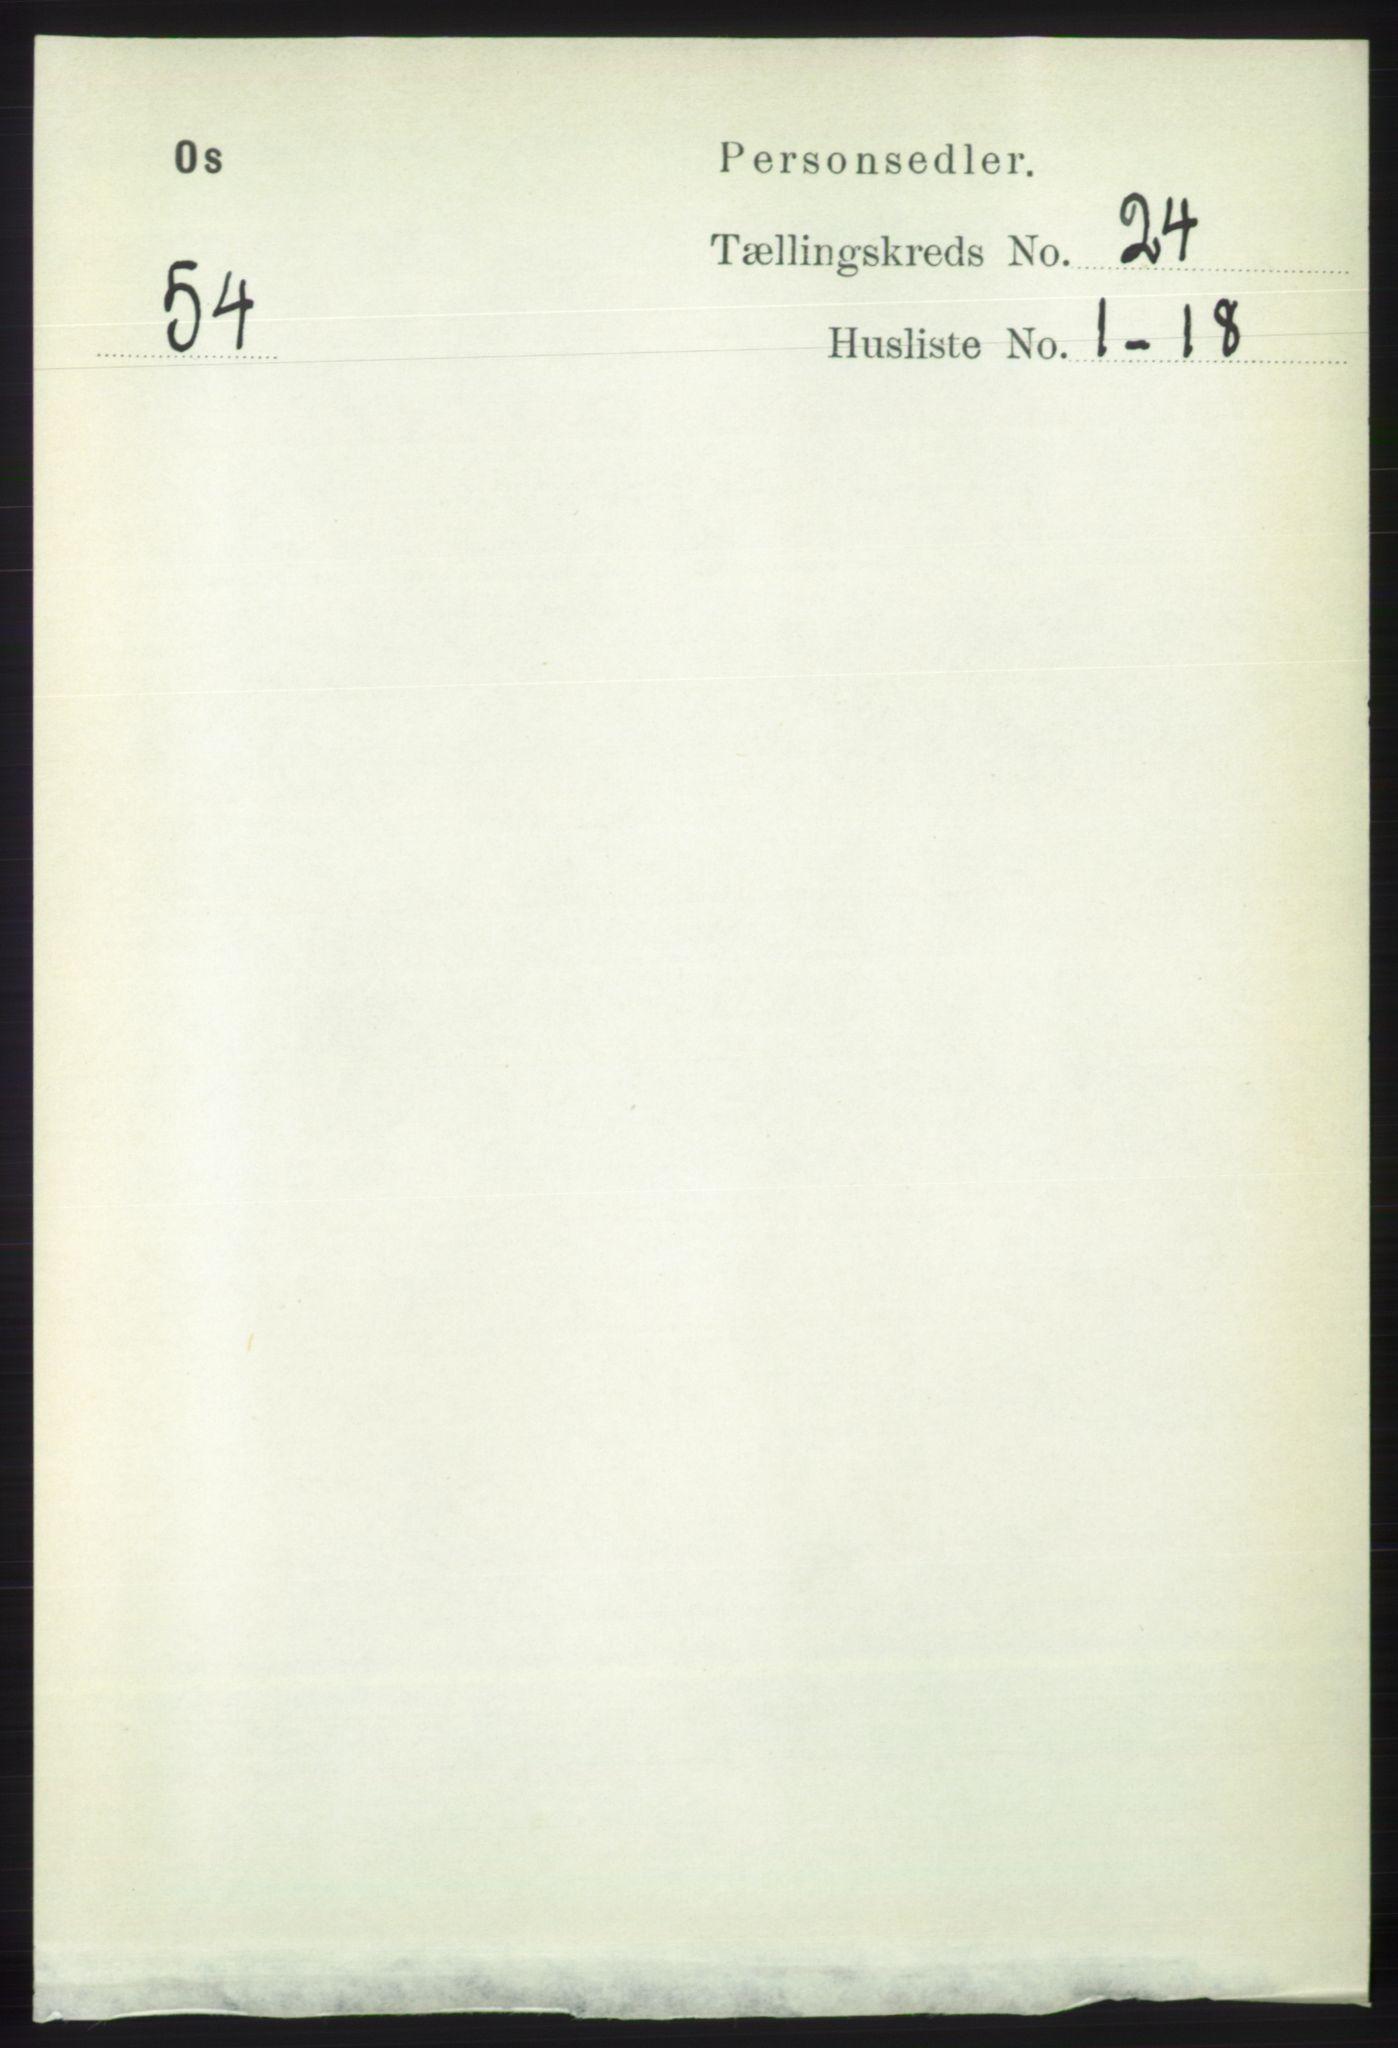 RA, Folketelling 1891 for 1243 Os herred, 1891, s. 5206